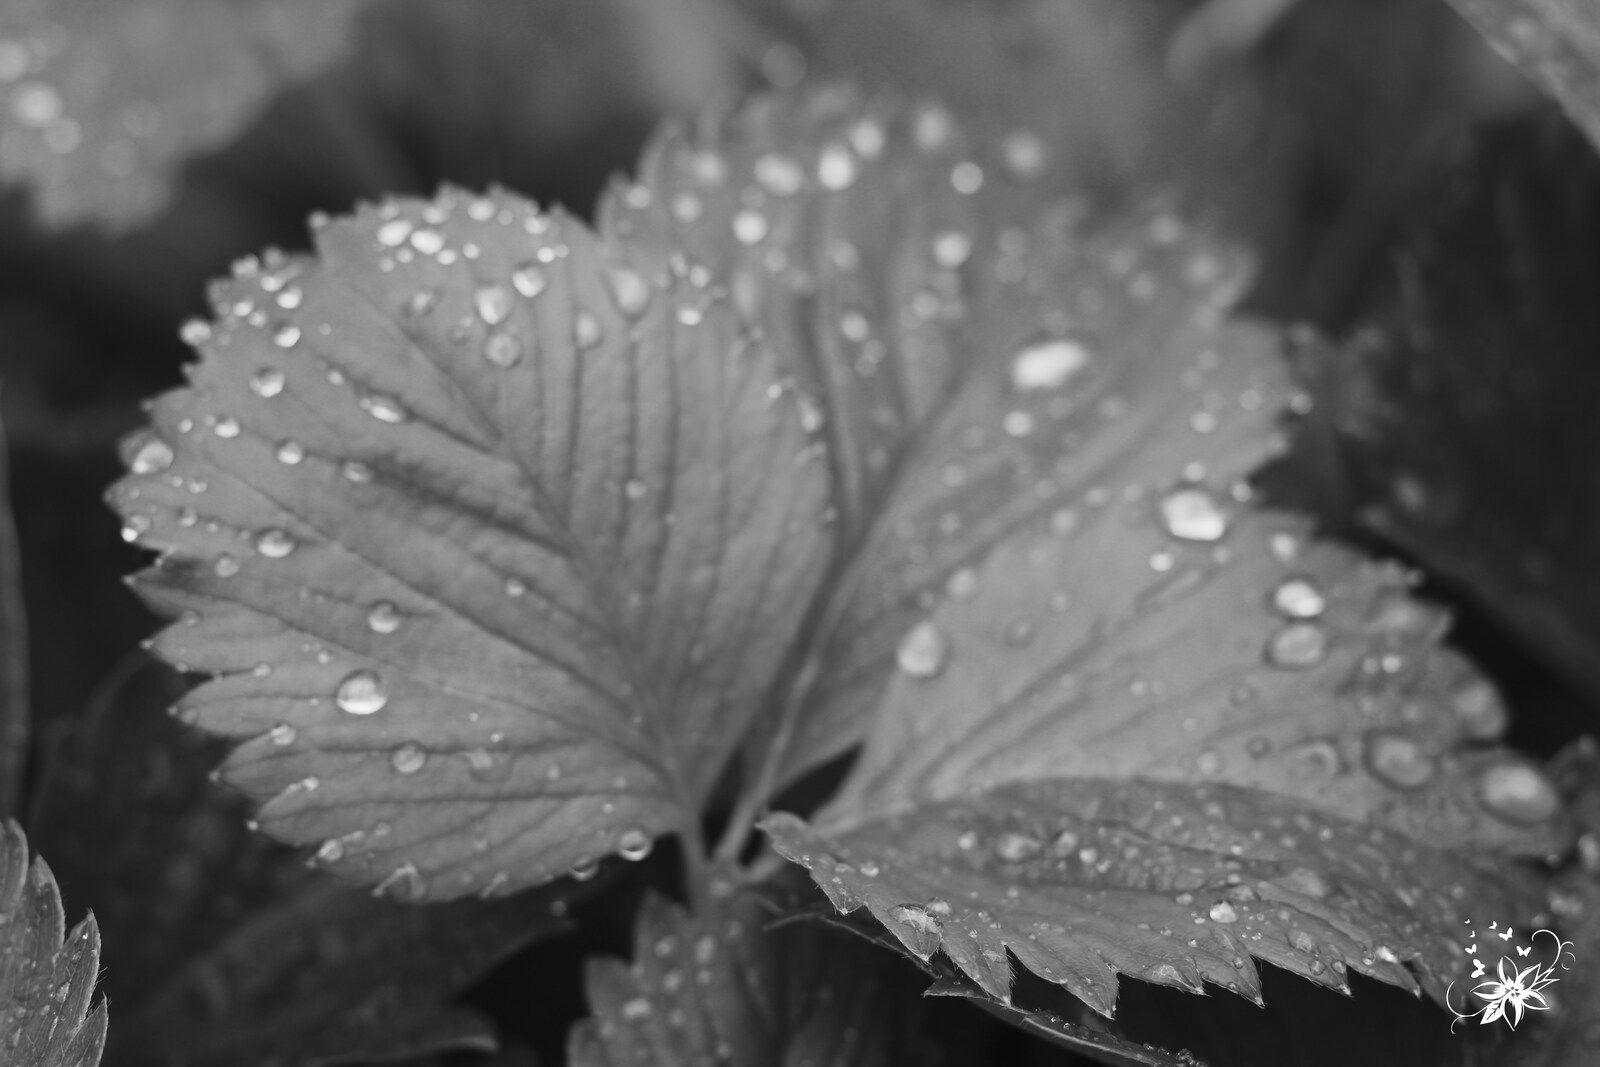 j'ai photographié la pluie et la journée est passée entre les gouttes.